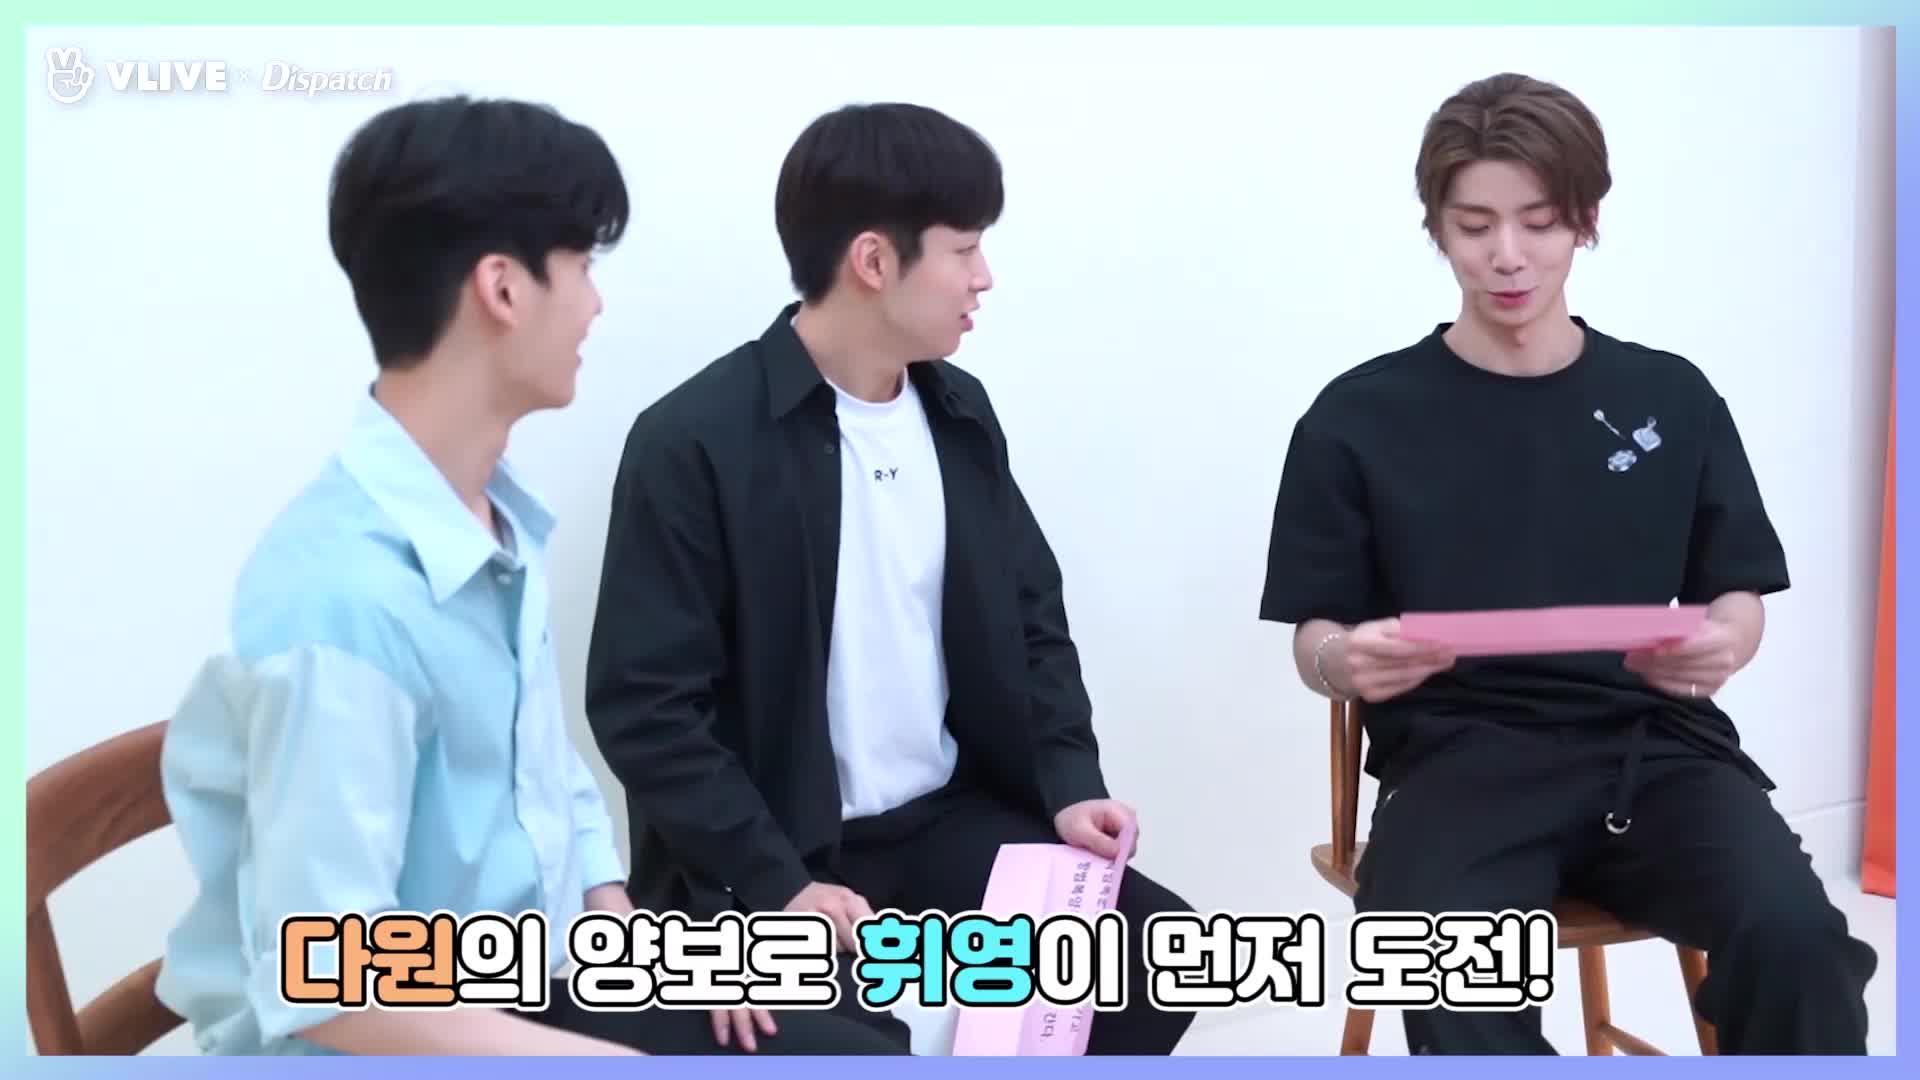 """[ⓓxV] """"SF9의 셒 챌린지 1탄"""" (에스에프나인 : SF9)"""